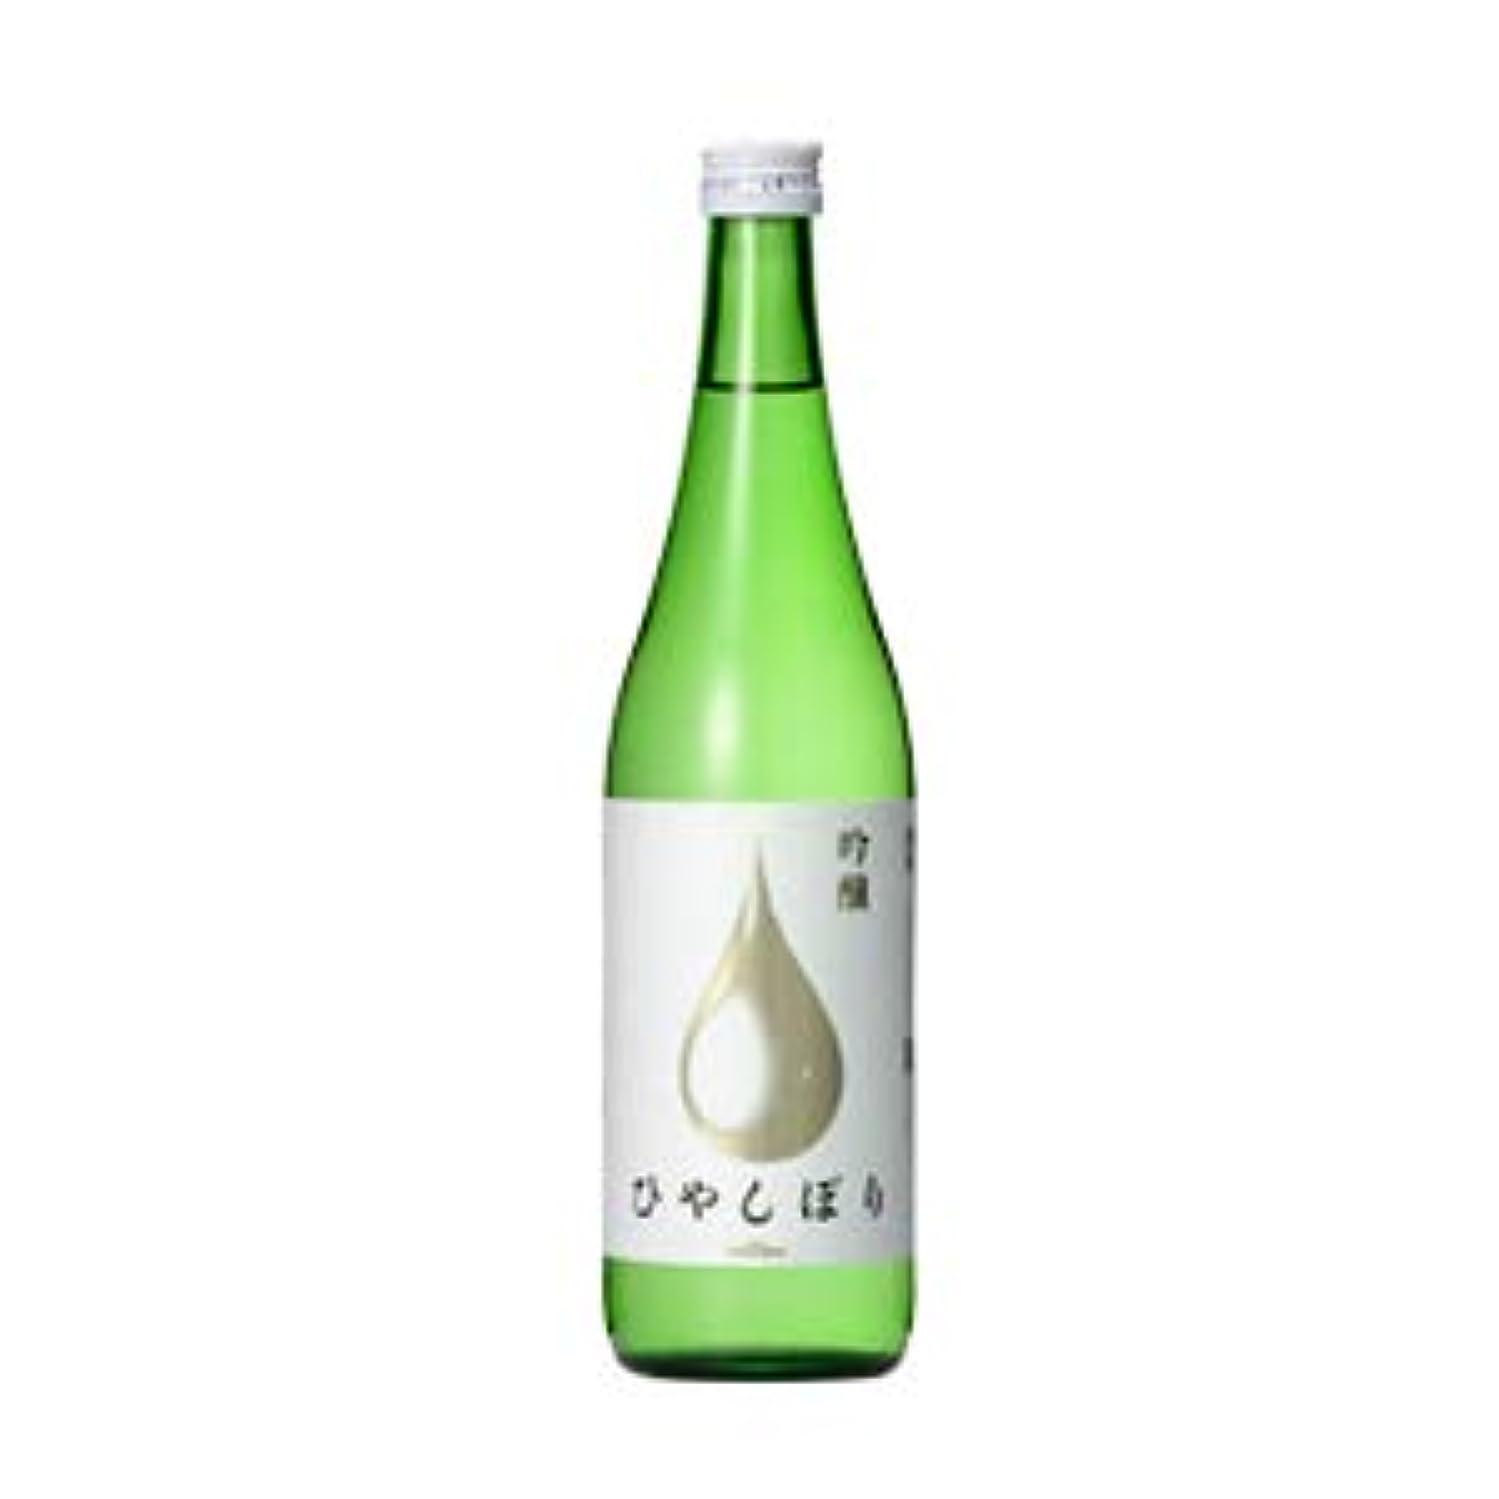 不平を言う収束する段落日本酒 KONISHI 吟醸ひやしぼり 小西酒造 720ml 1本